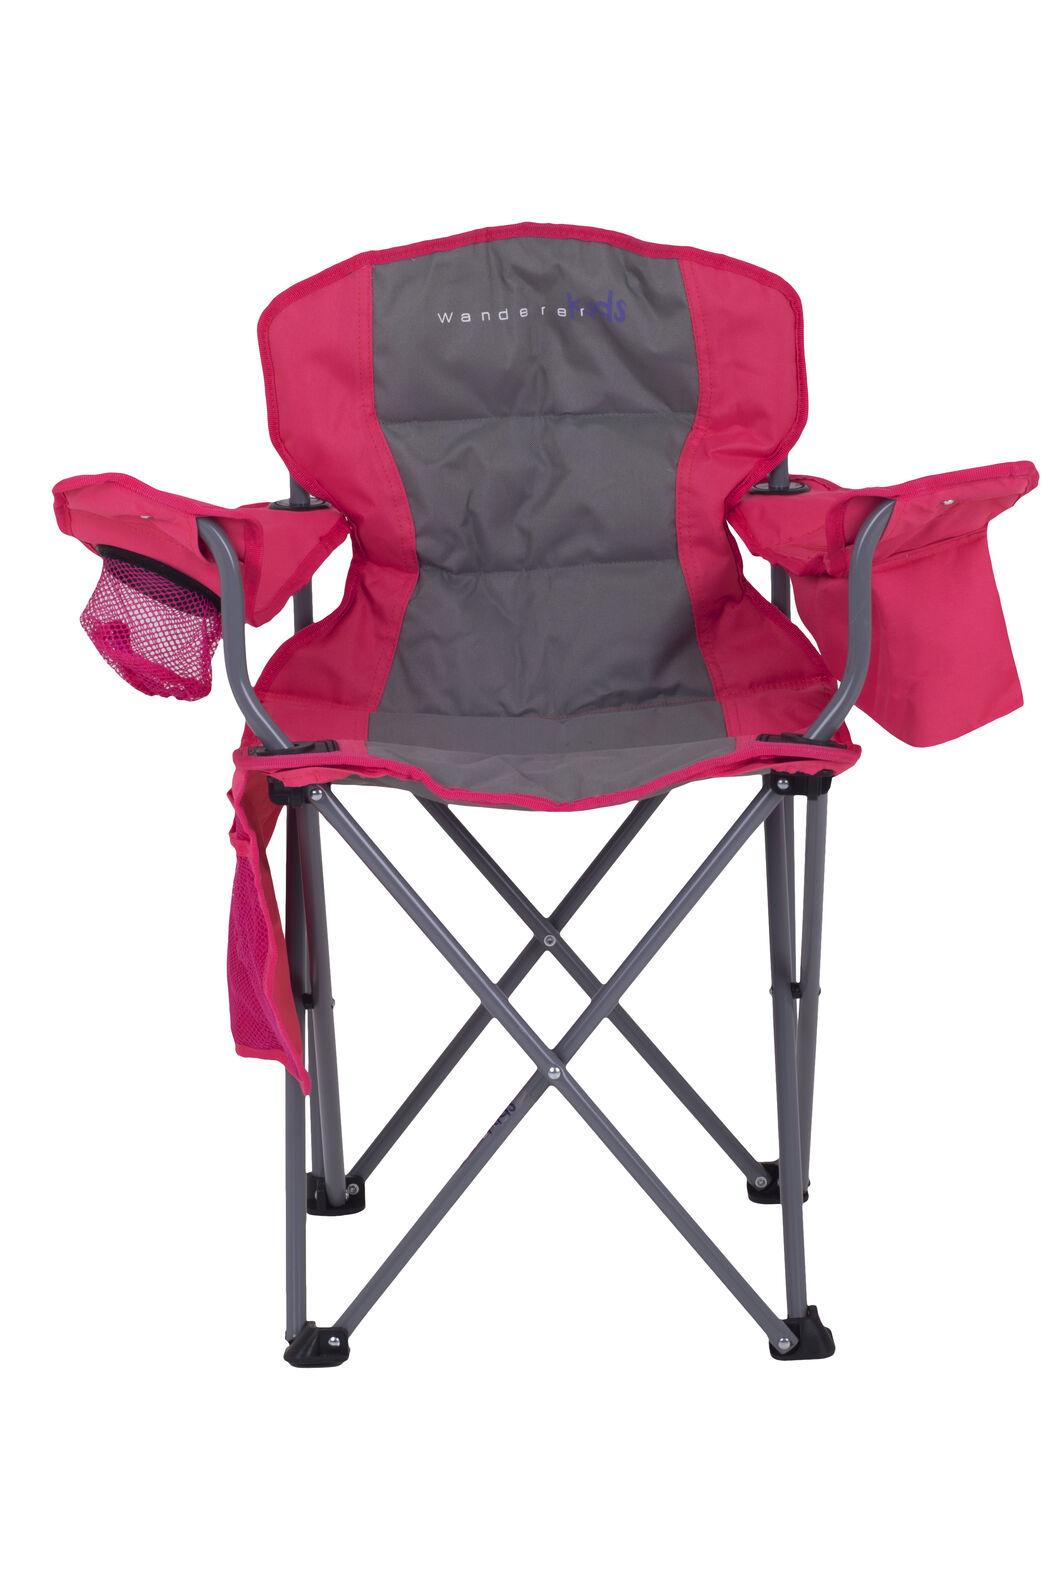 Wanderer Cooler Arm Chair Kids, Pink, hi-res